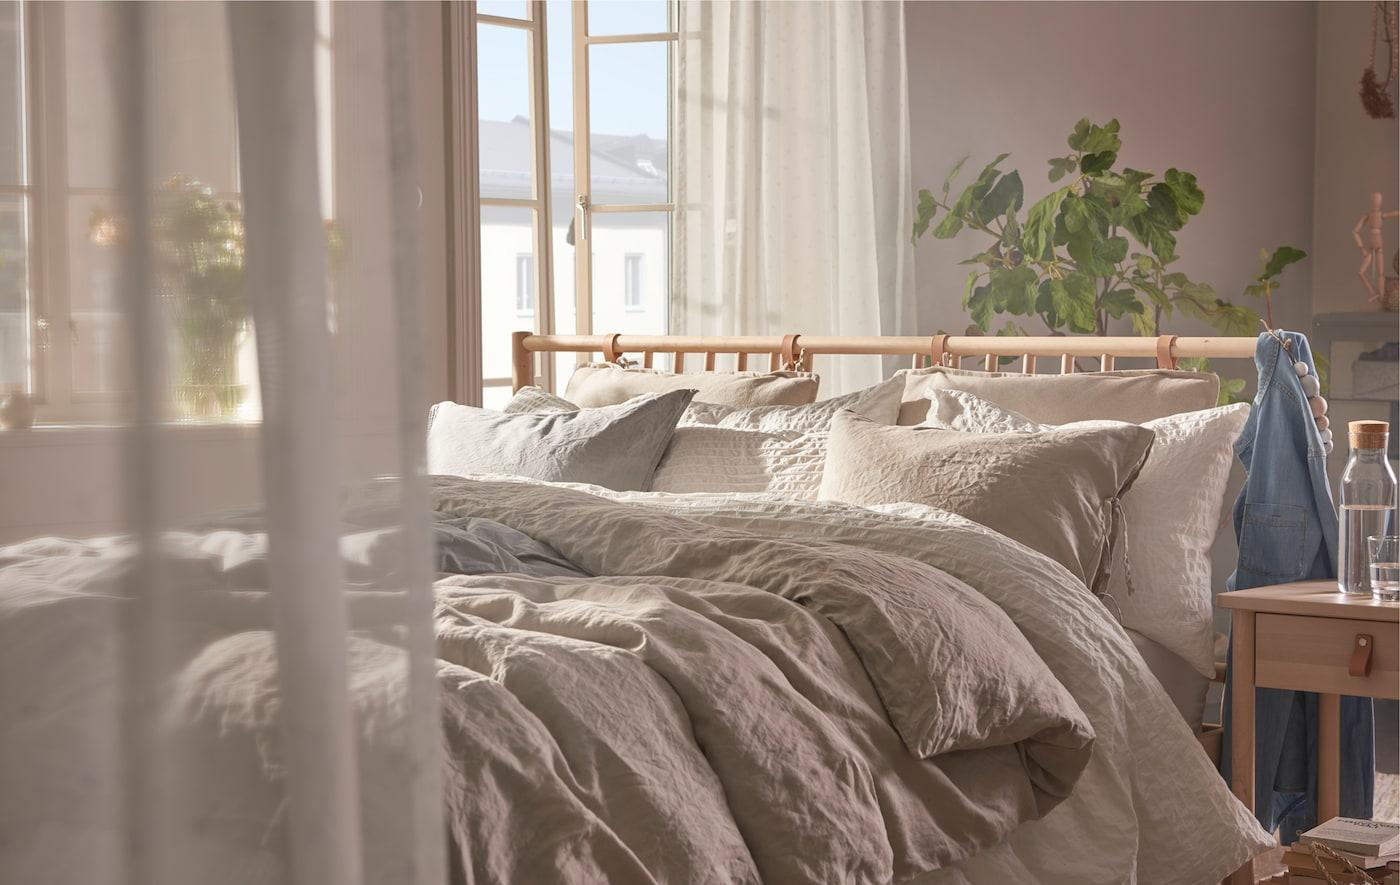 Weich gefiltertes Licht und flauschige Bettdecken sind die perfekte Ergänzung für BJÖRKSNÄS Bettgestell und Ablagetisch aus Birkenholz.